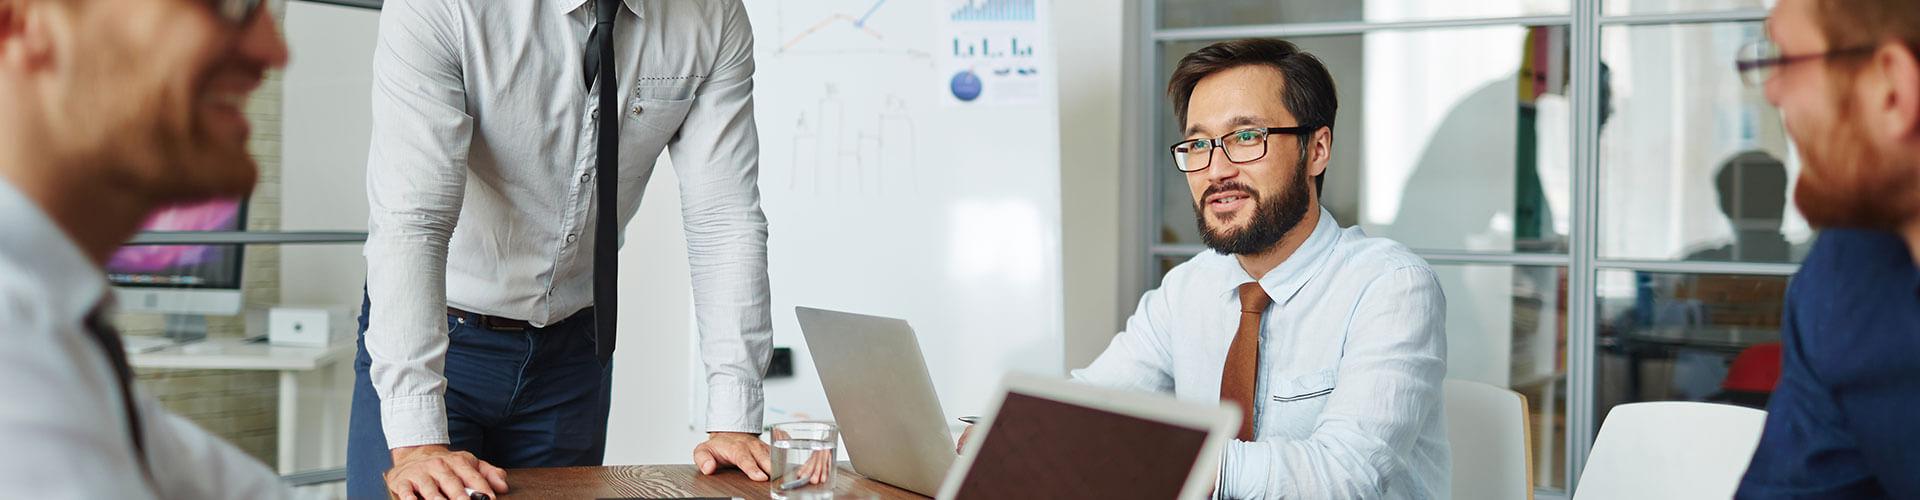 Web Design Consultant Dubai